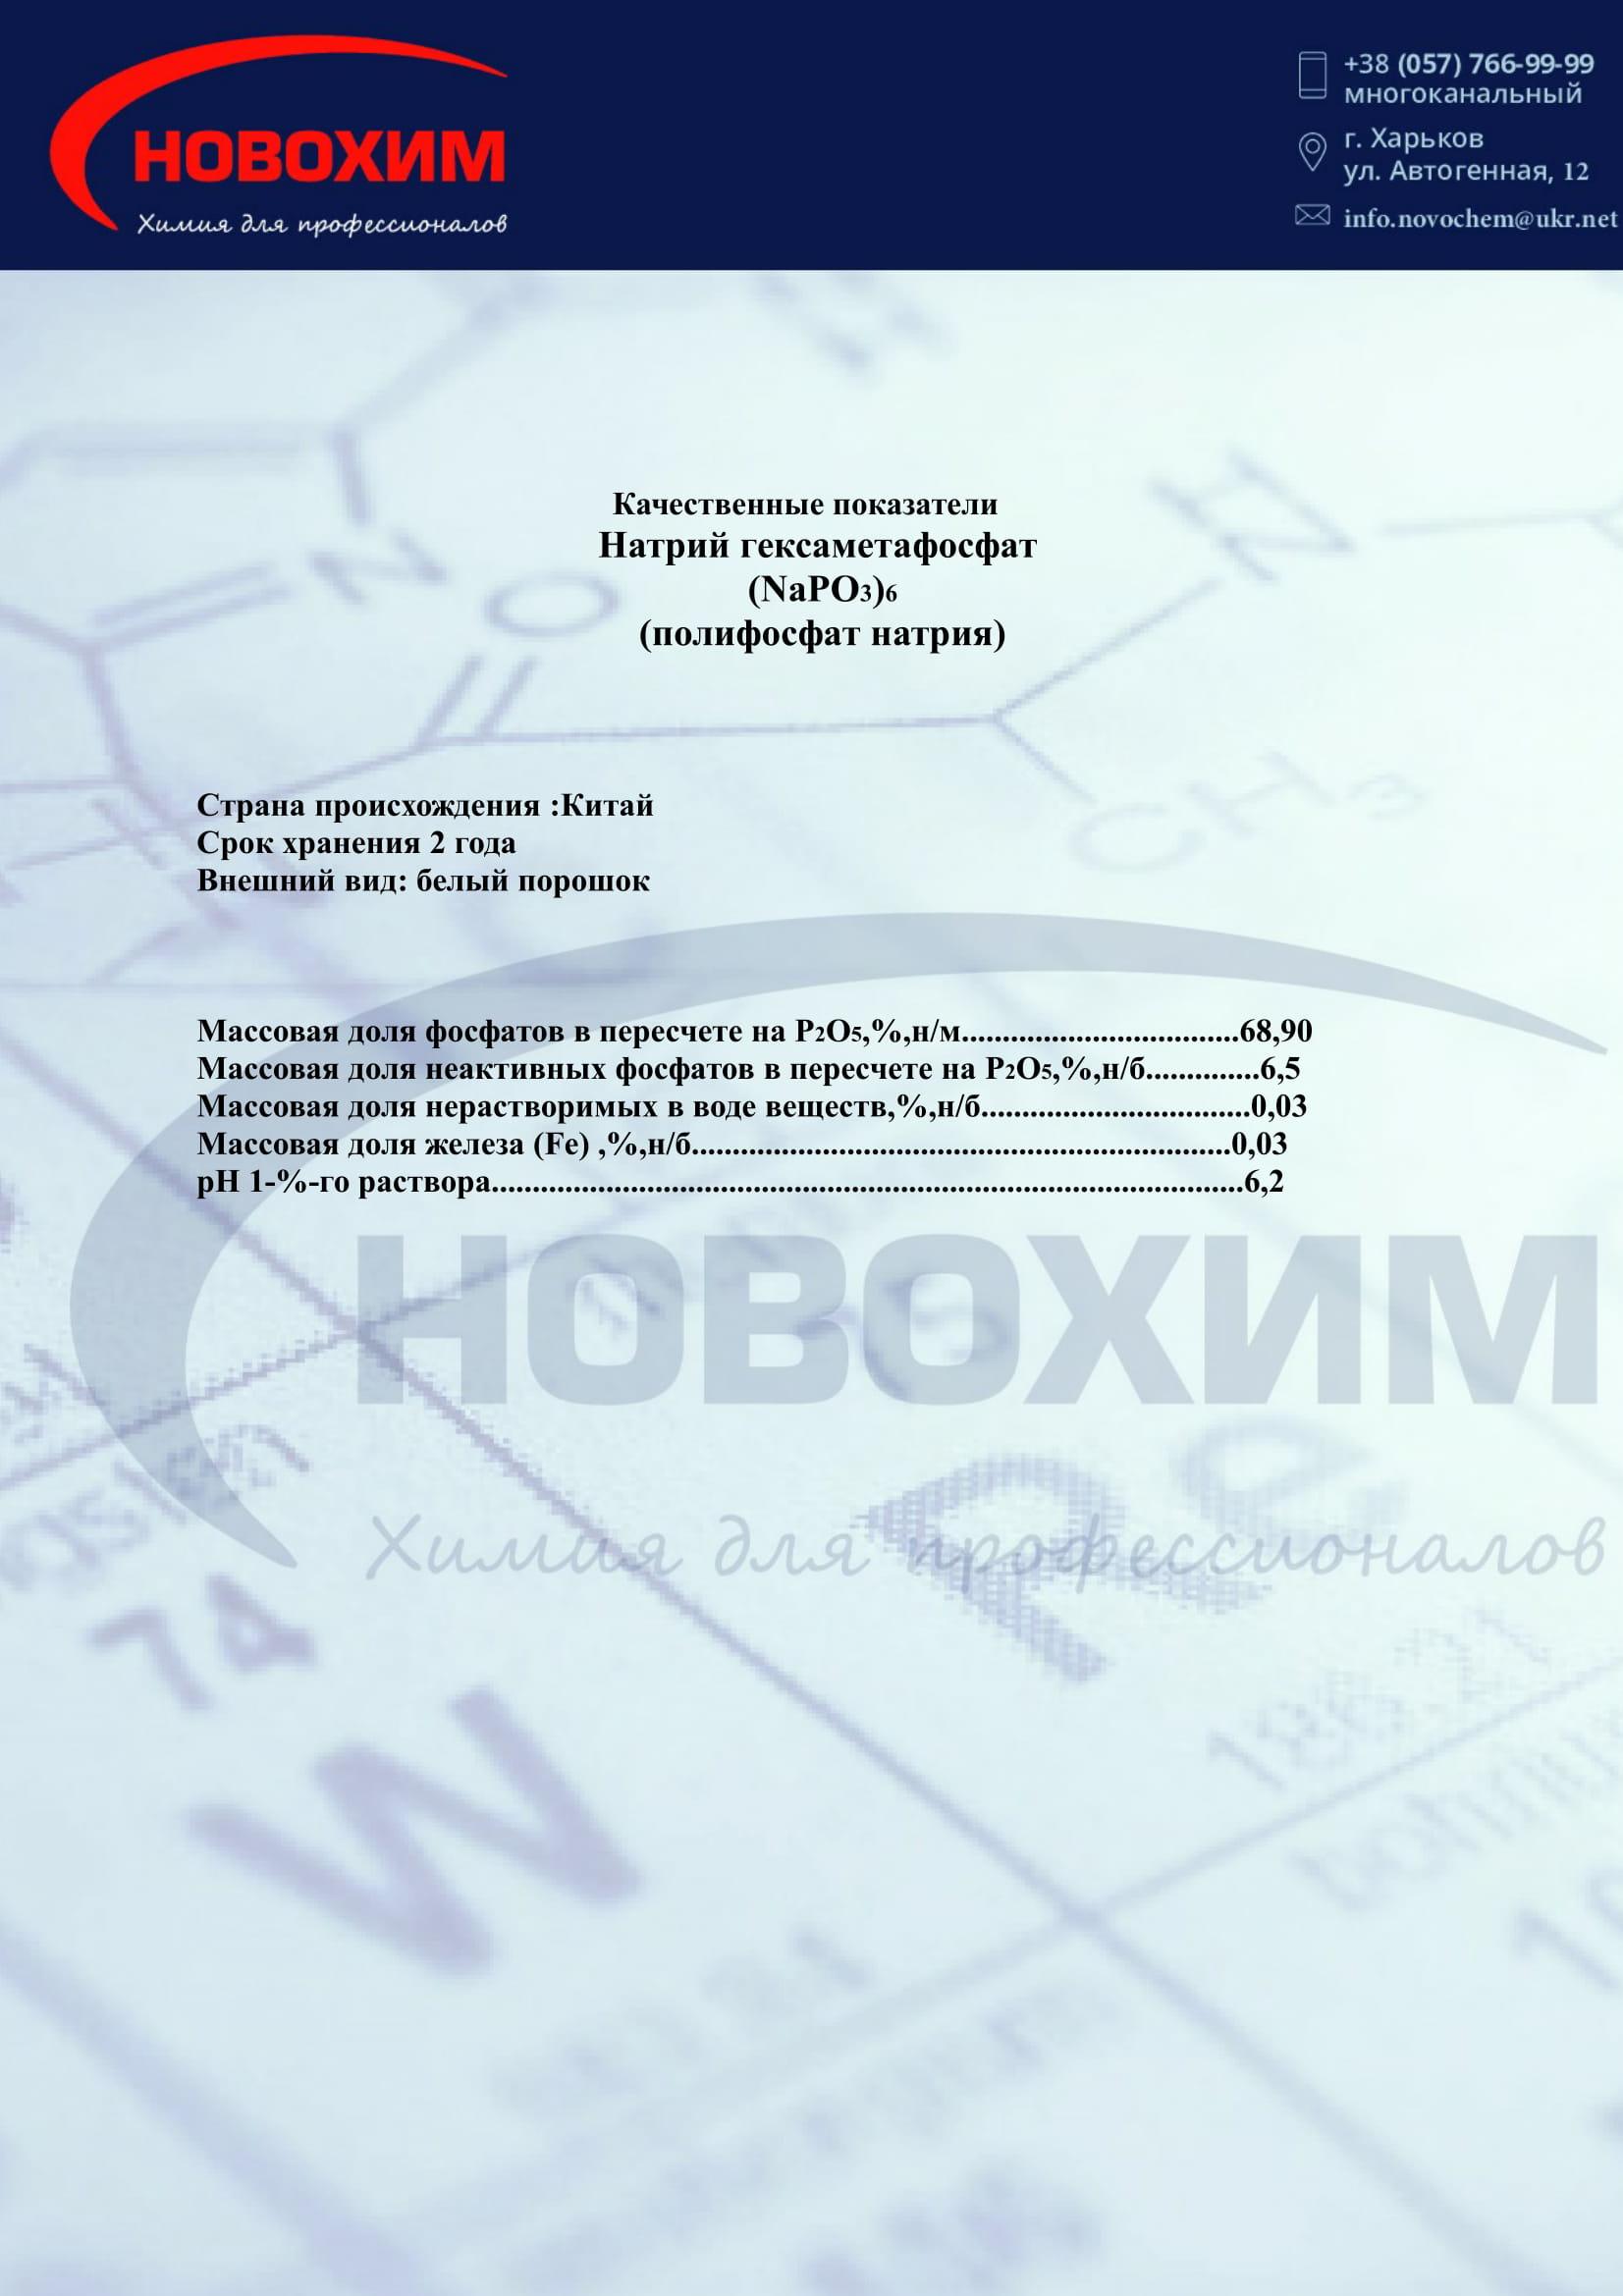 Натрий гексаметафосфат пищевой